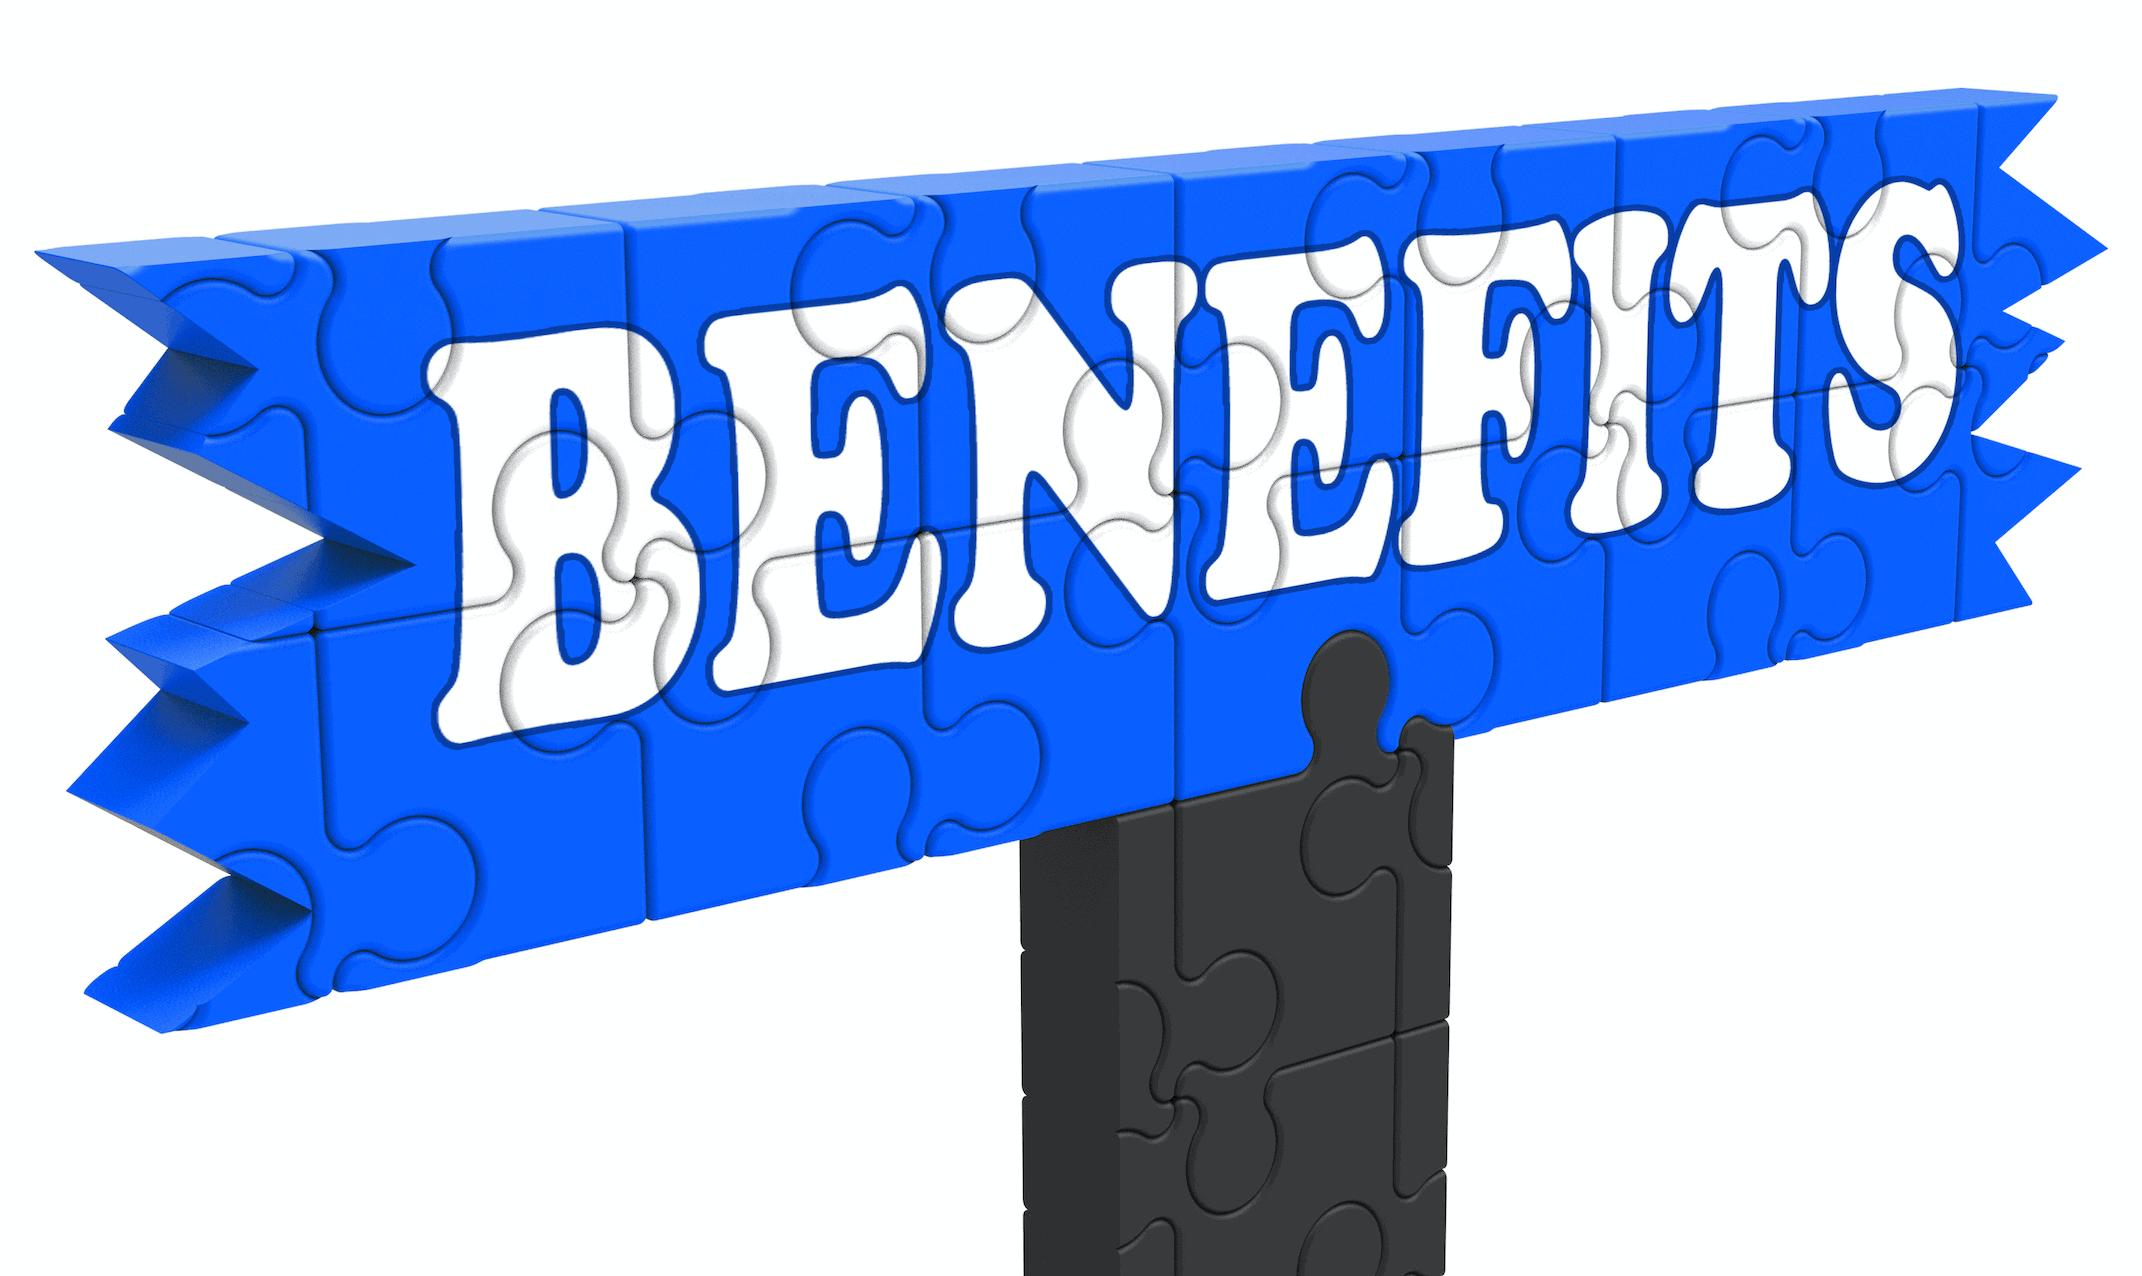 Progurt benefits